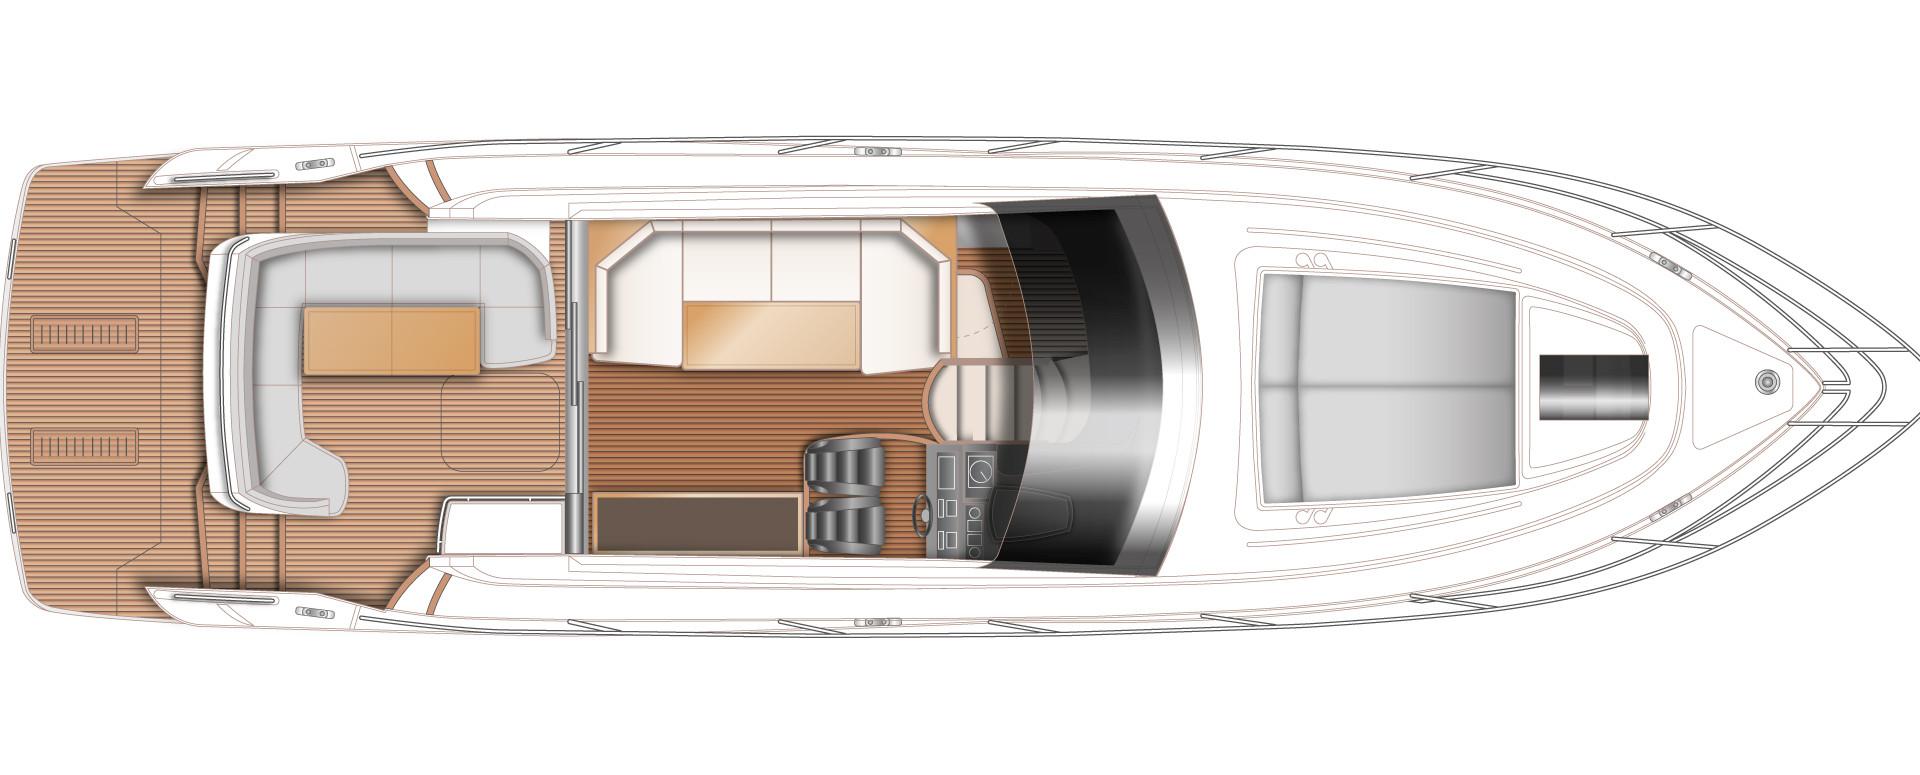 v50-layout-main-deck.jpg